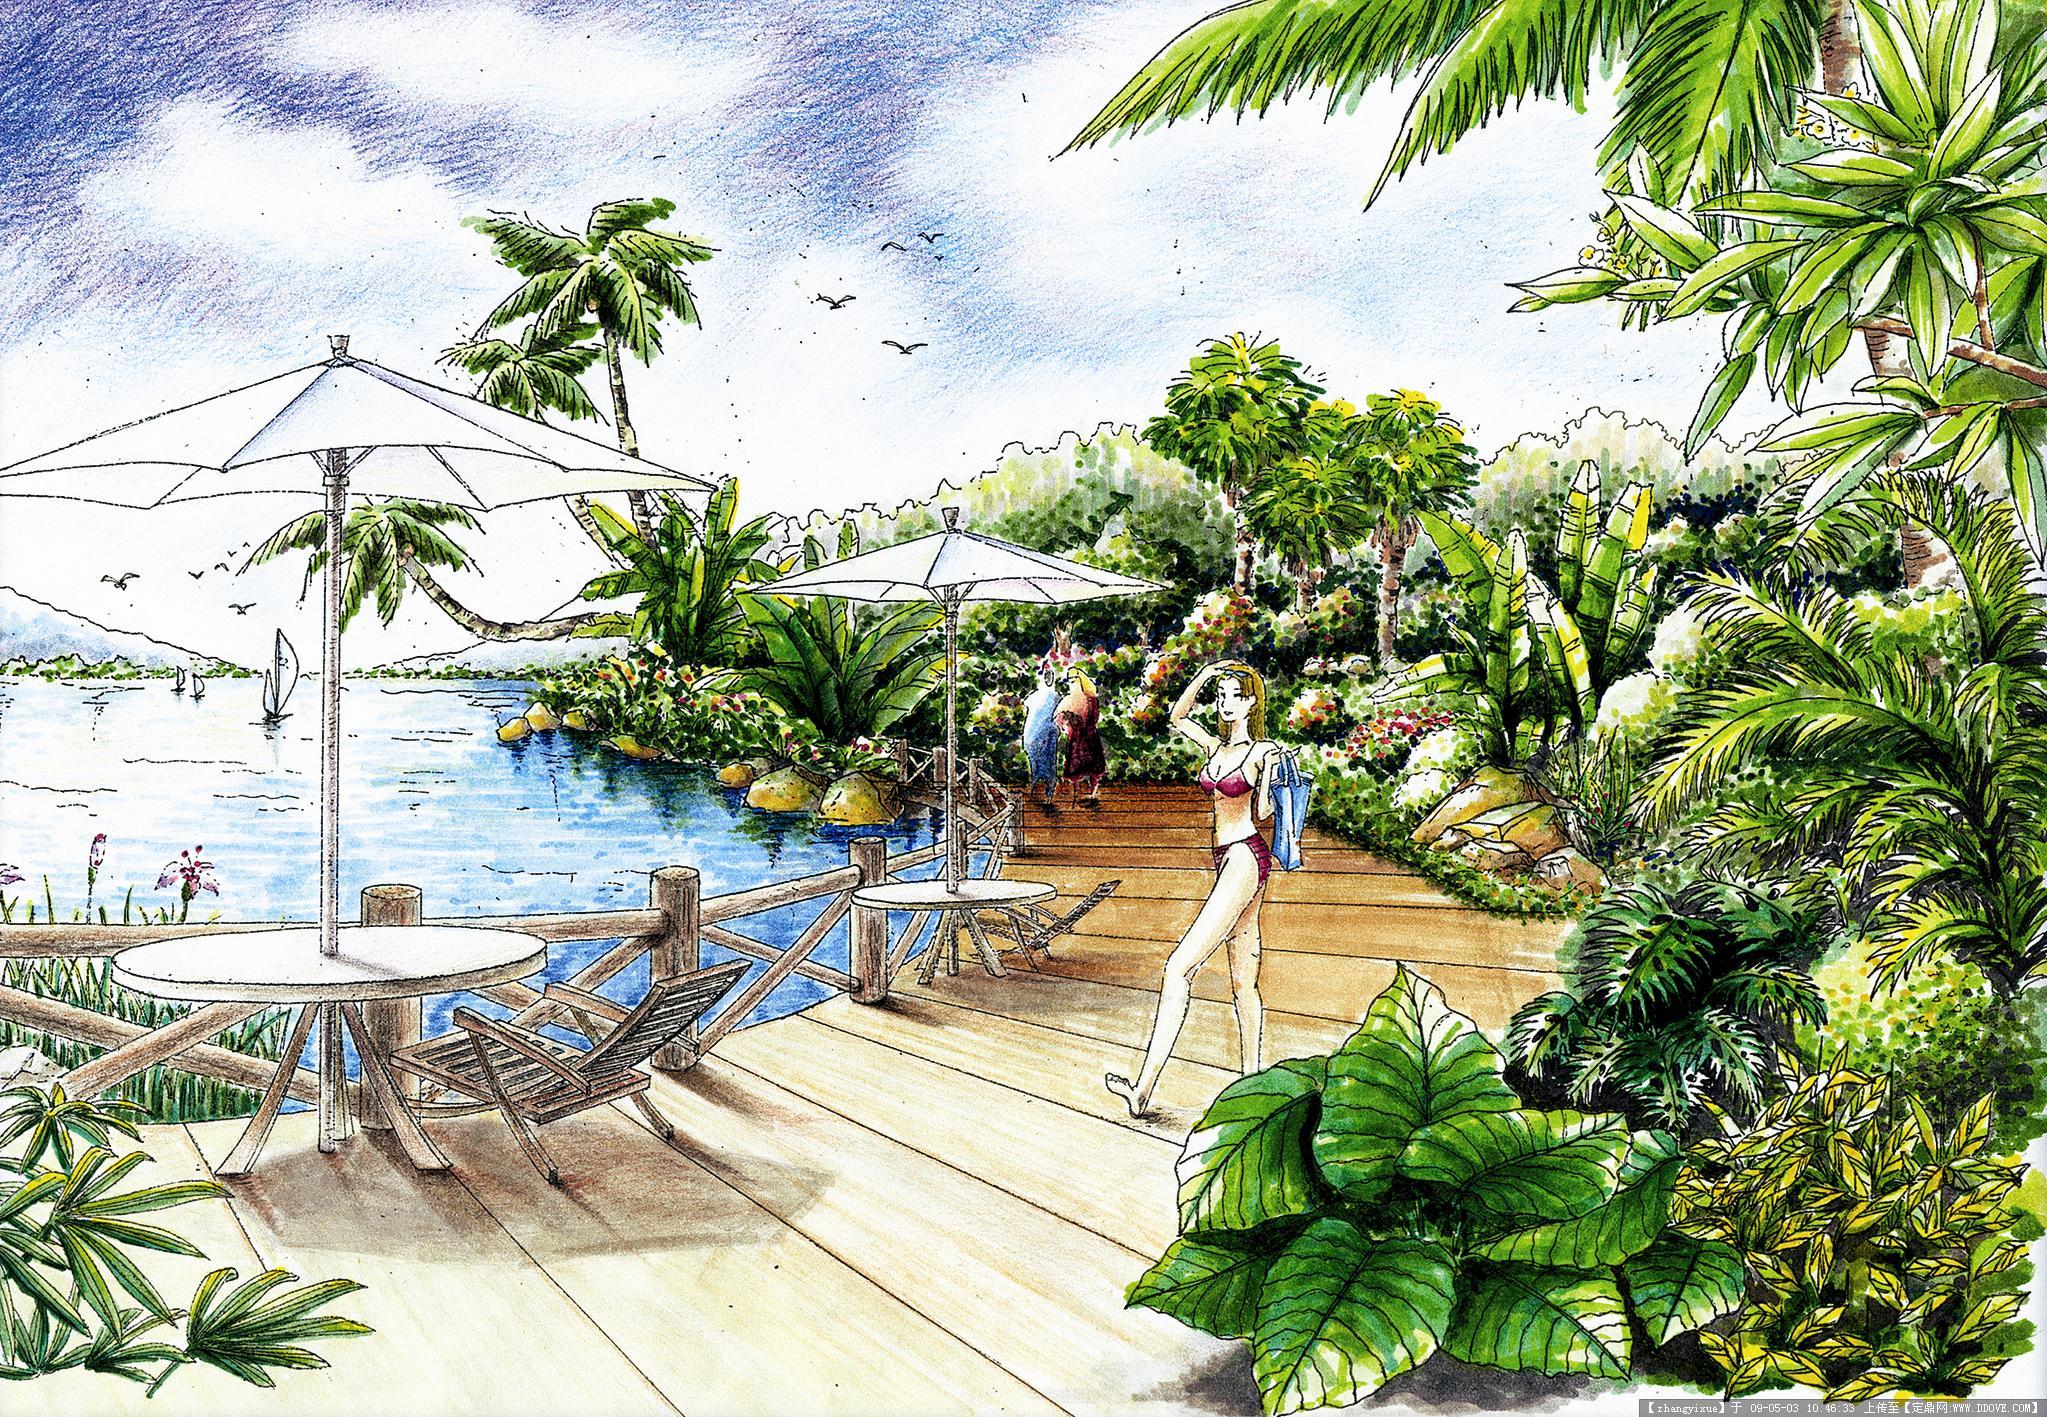 手绘园林图片3-14-小岛风情效果图 -a2 副本.